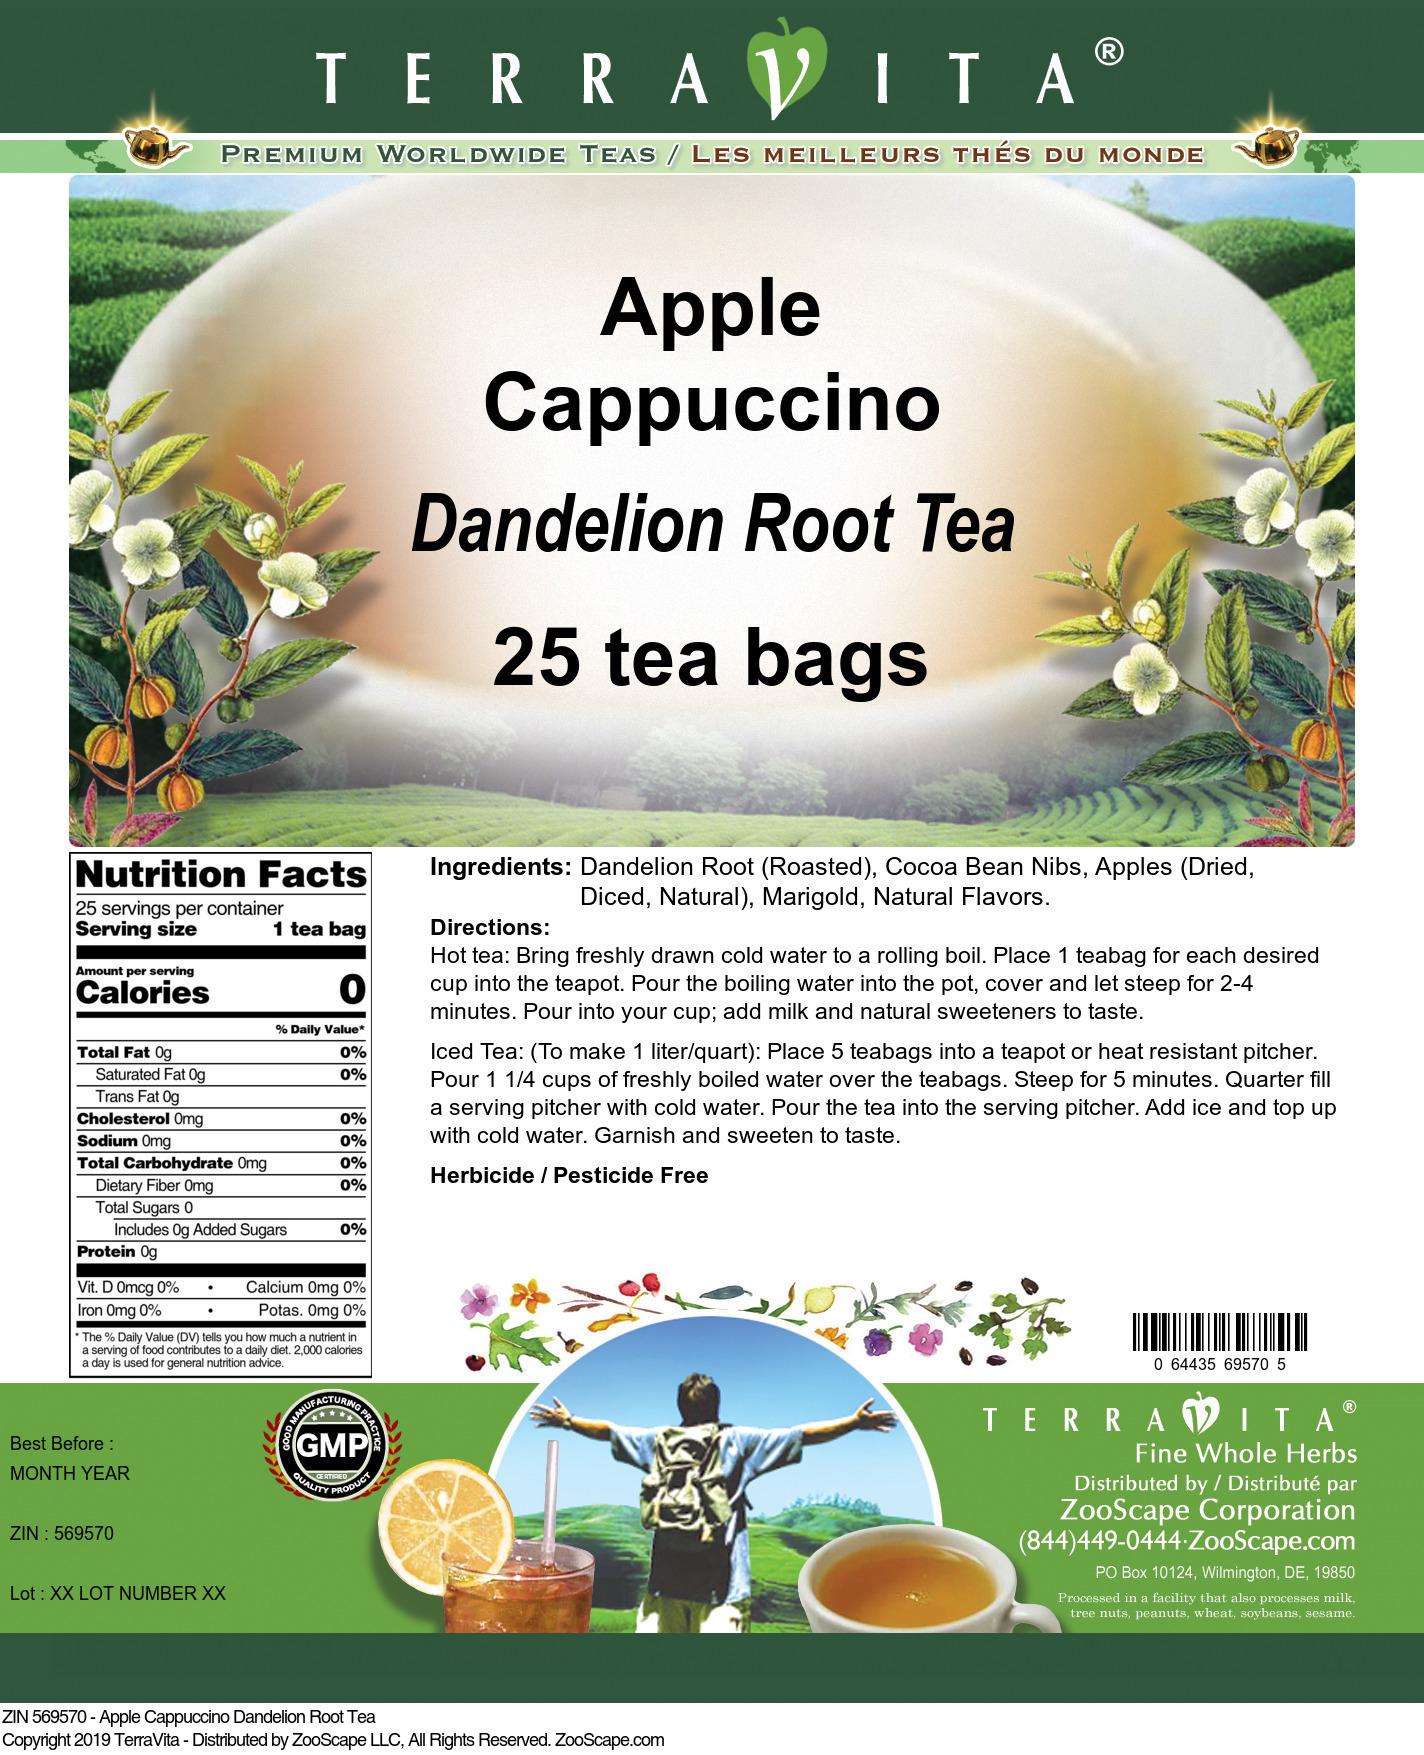 Apple Cappuccino Dandelion Root Tea